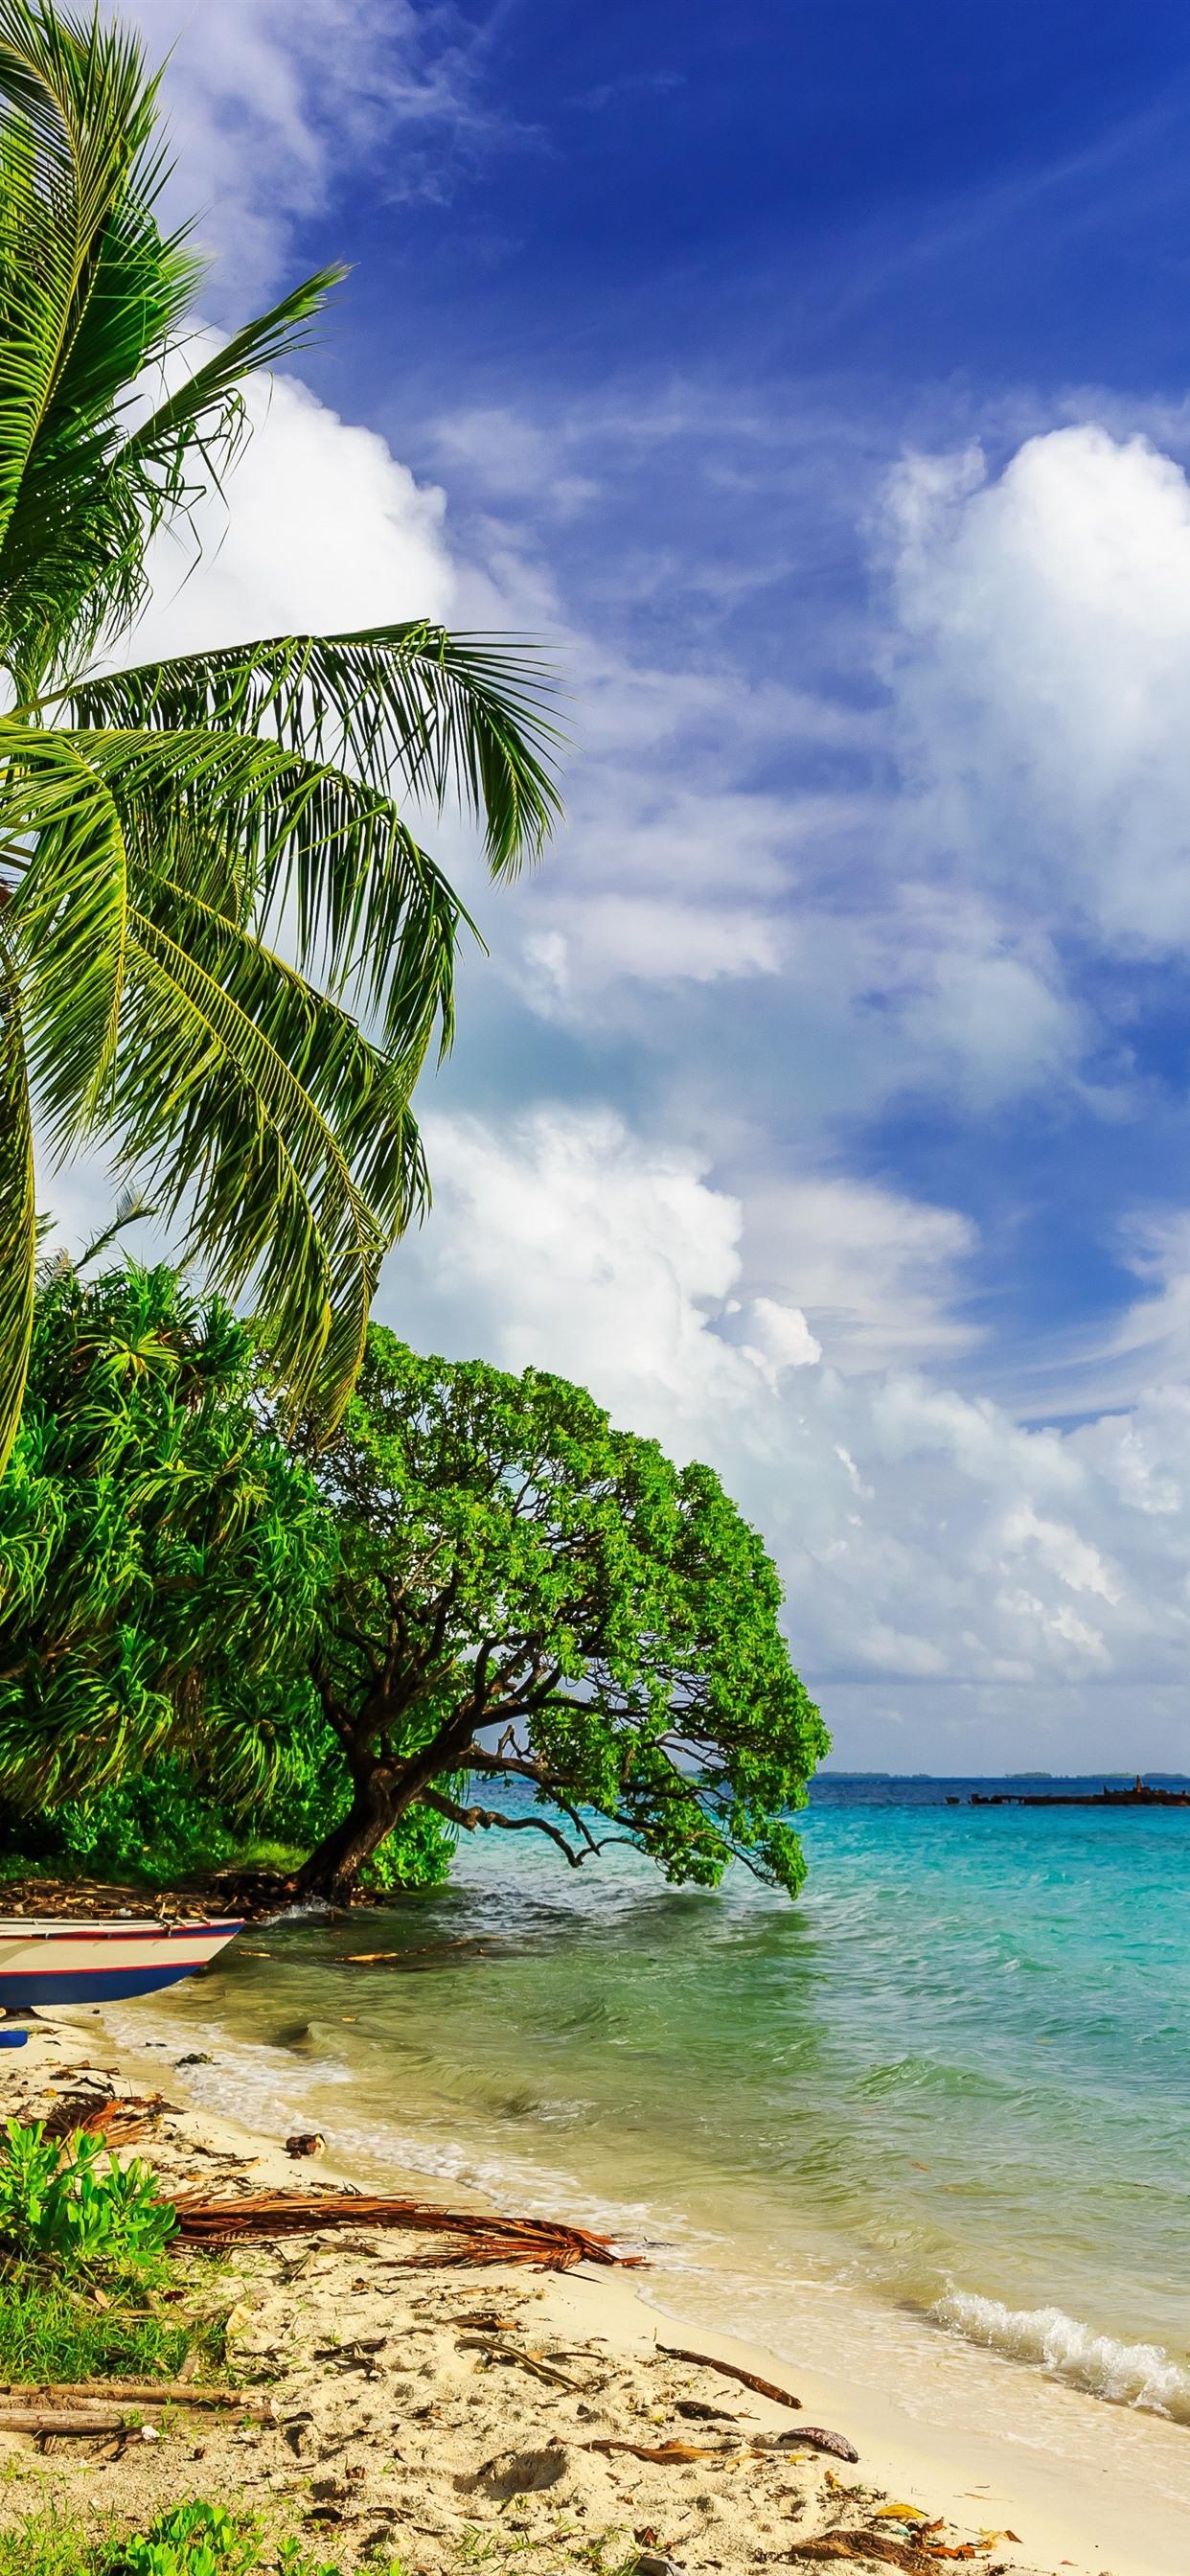 Paradise Tropical Palm Trees Sea Beach Clouds 1242x2688